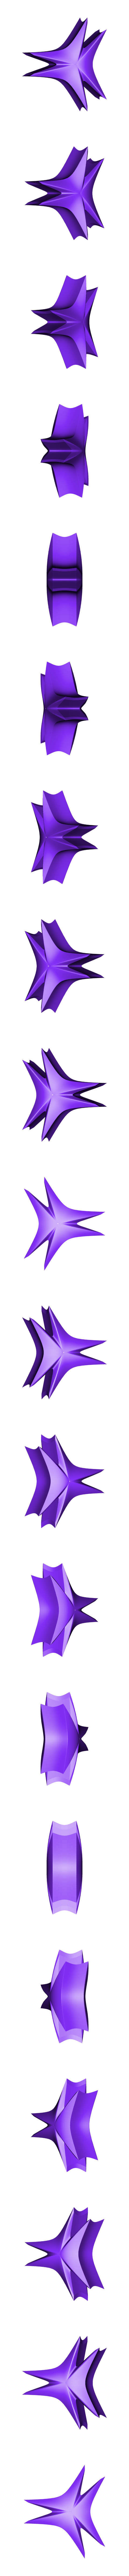 shape4.stl Télécharger fichier STL gratuit Supershape Madness • Plan à imprimer en 3D, ferjerez3d